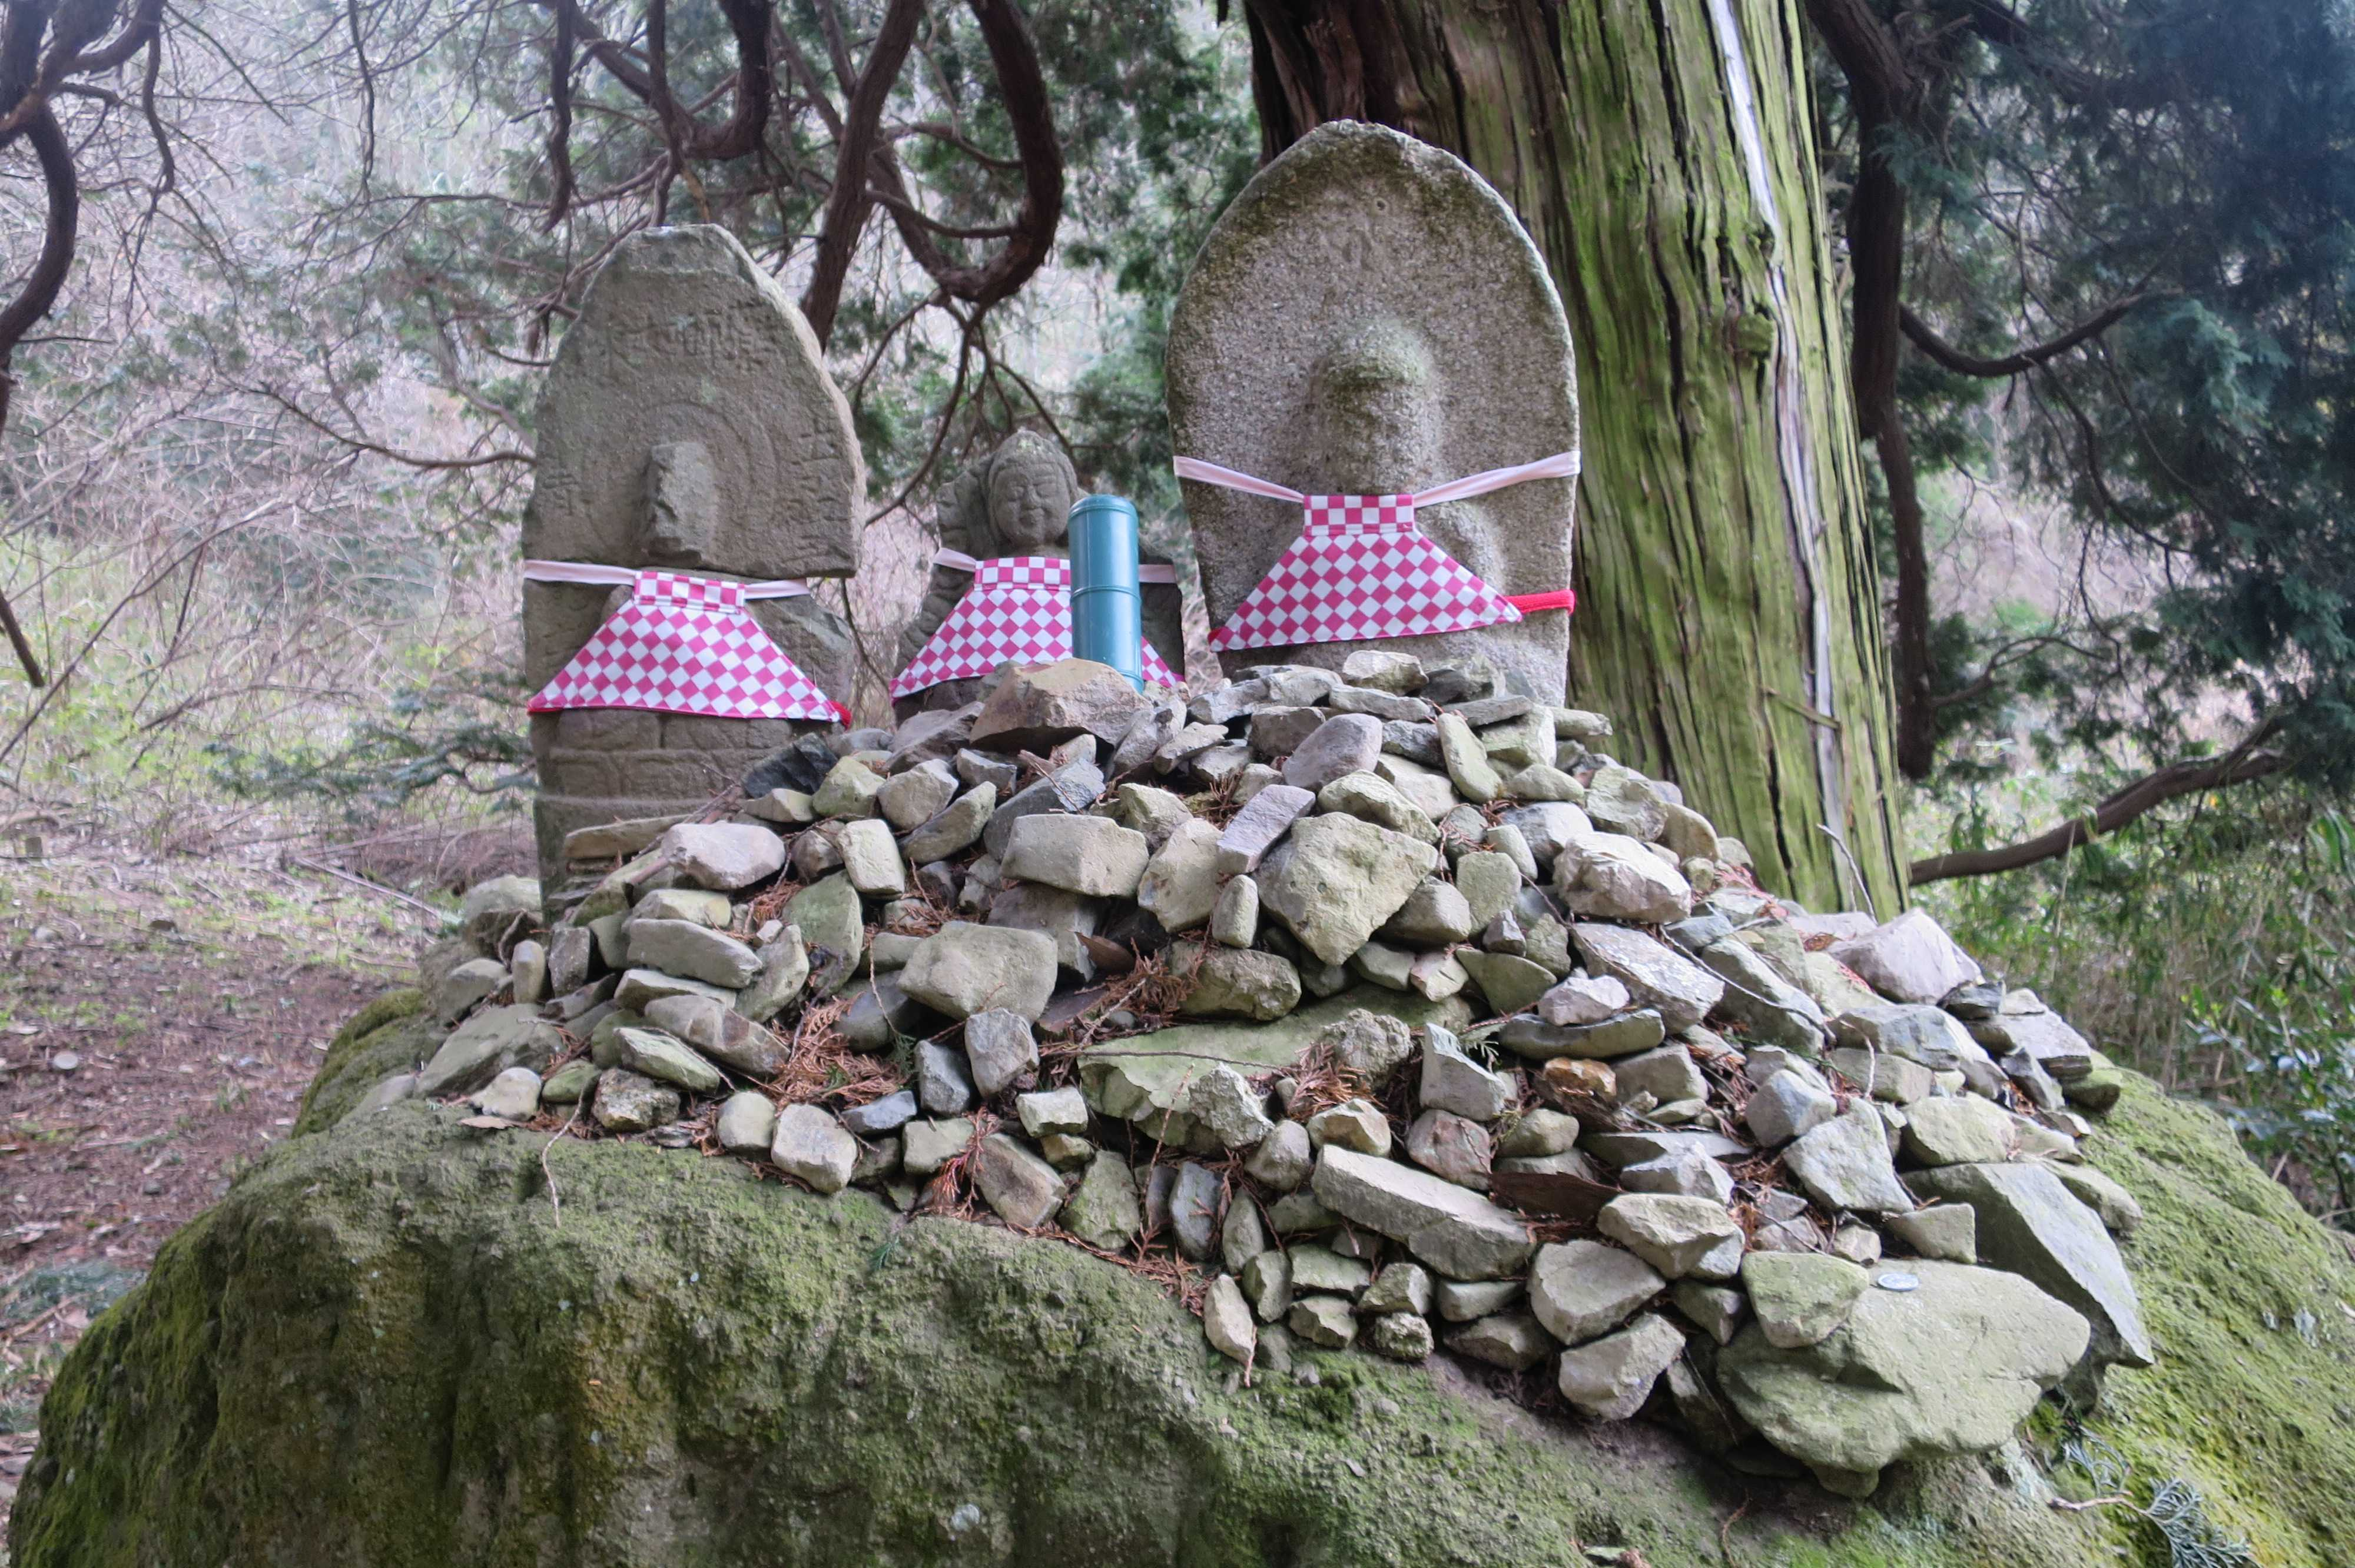 石仏と石積み - 奥の院捨身ヶ嶽禅定